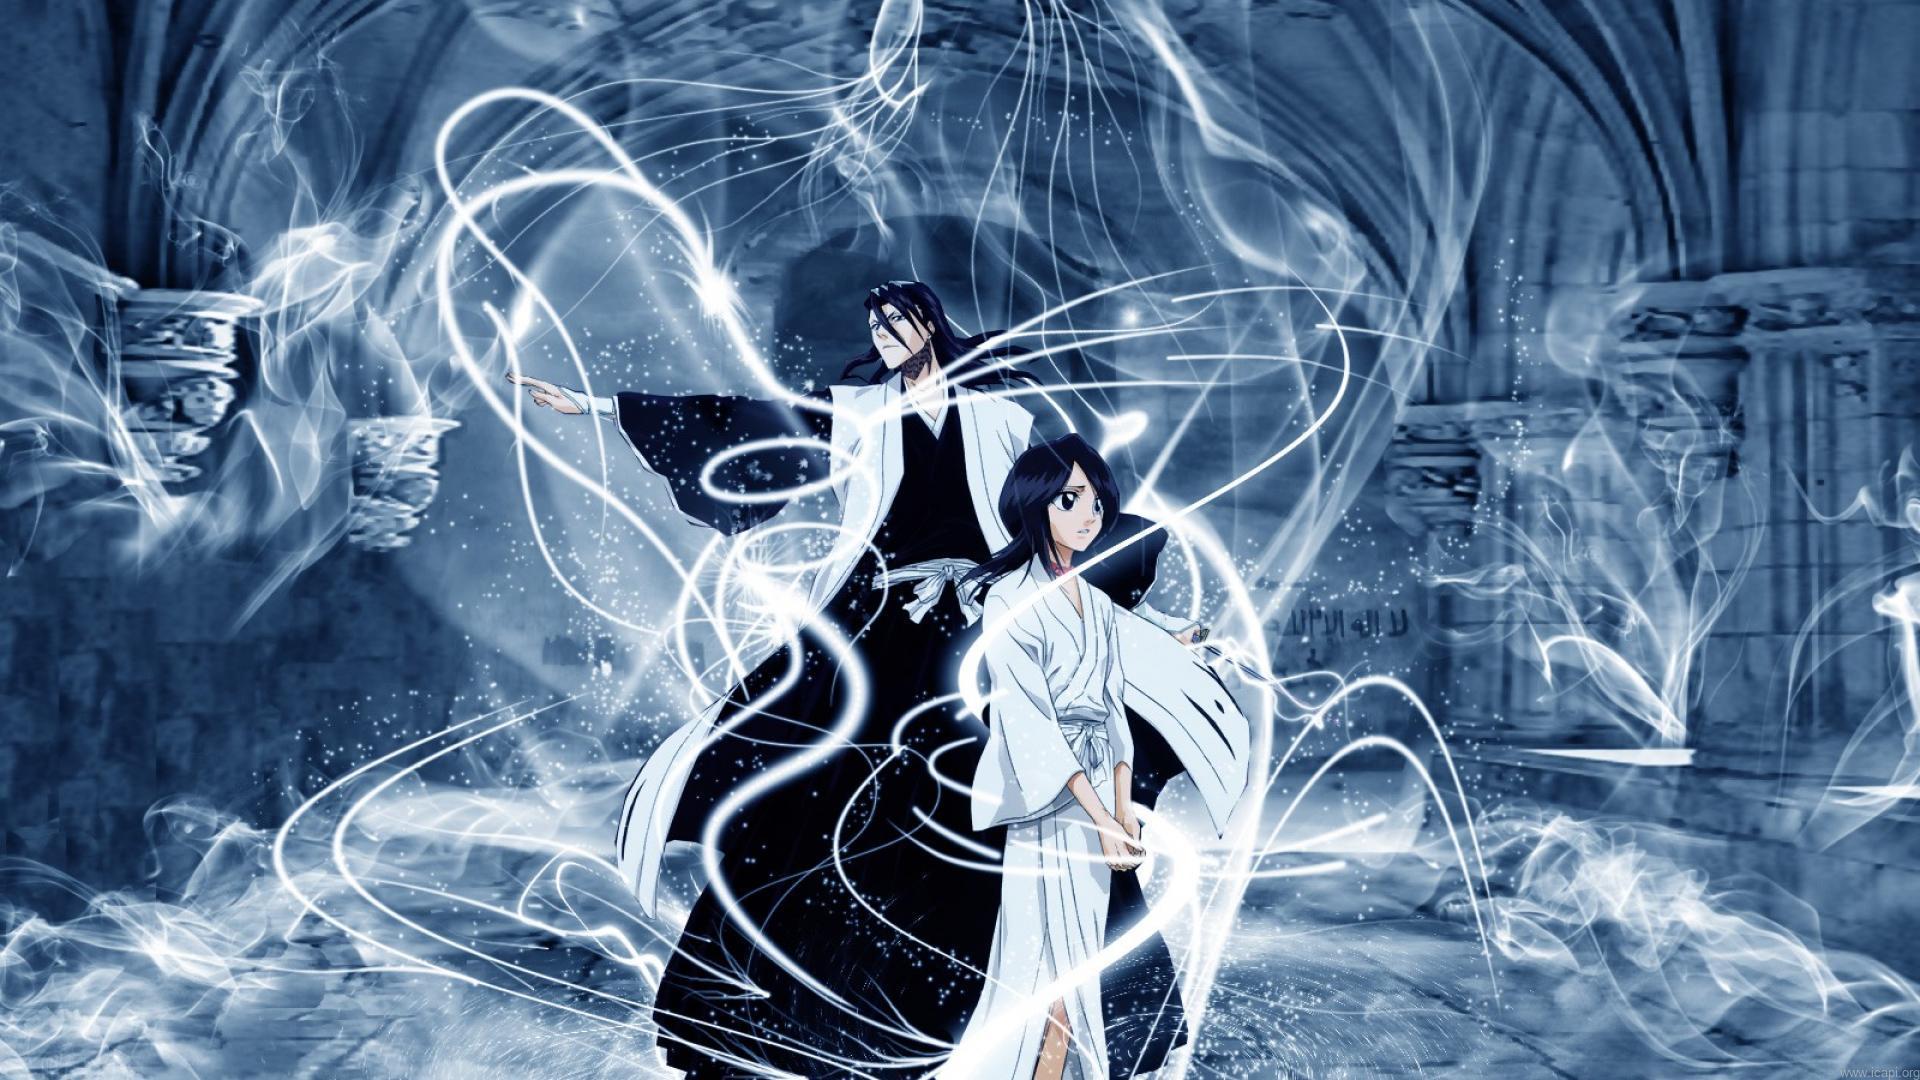 hình nền anime yuri